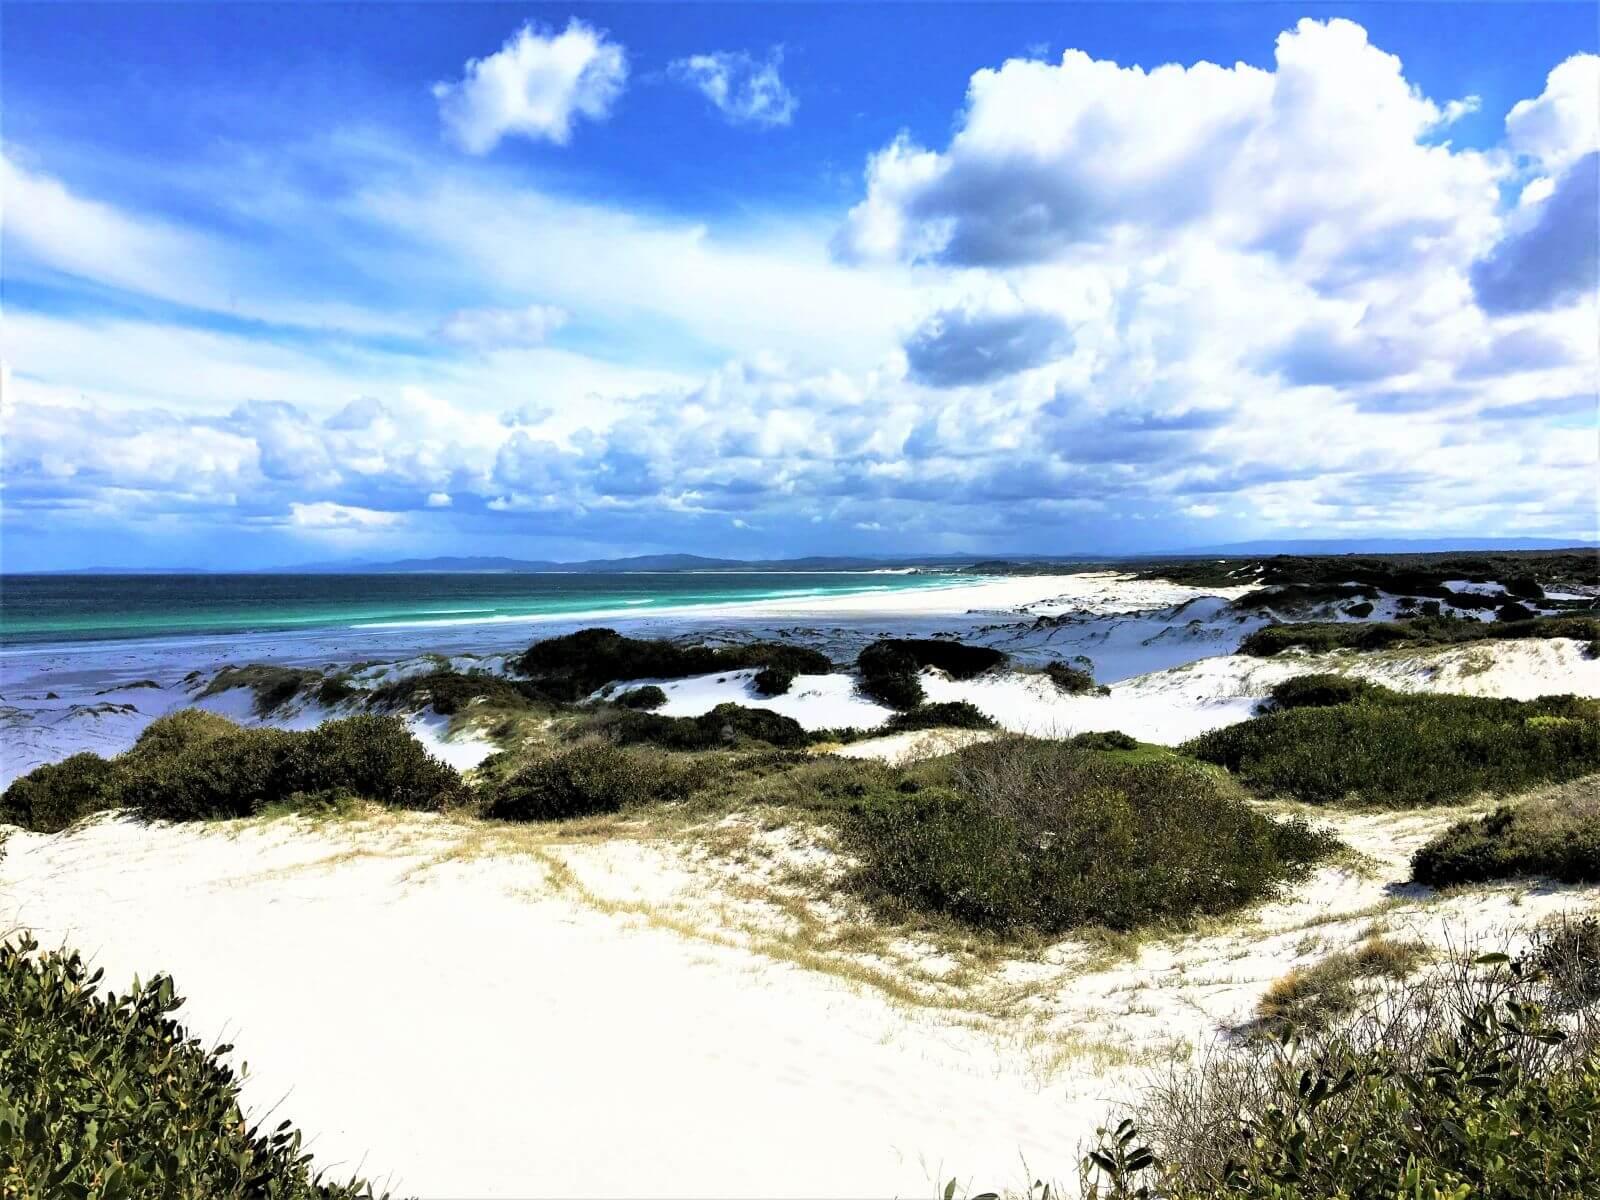 Tasmanien - Schönste Strände - Bay of Fires Beach